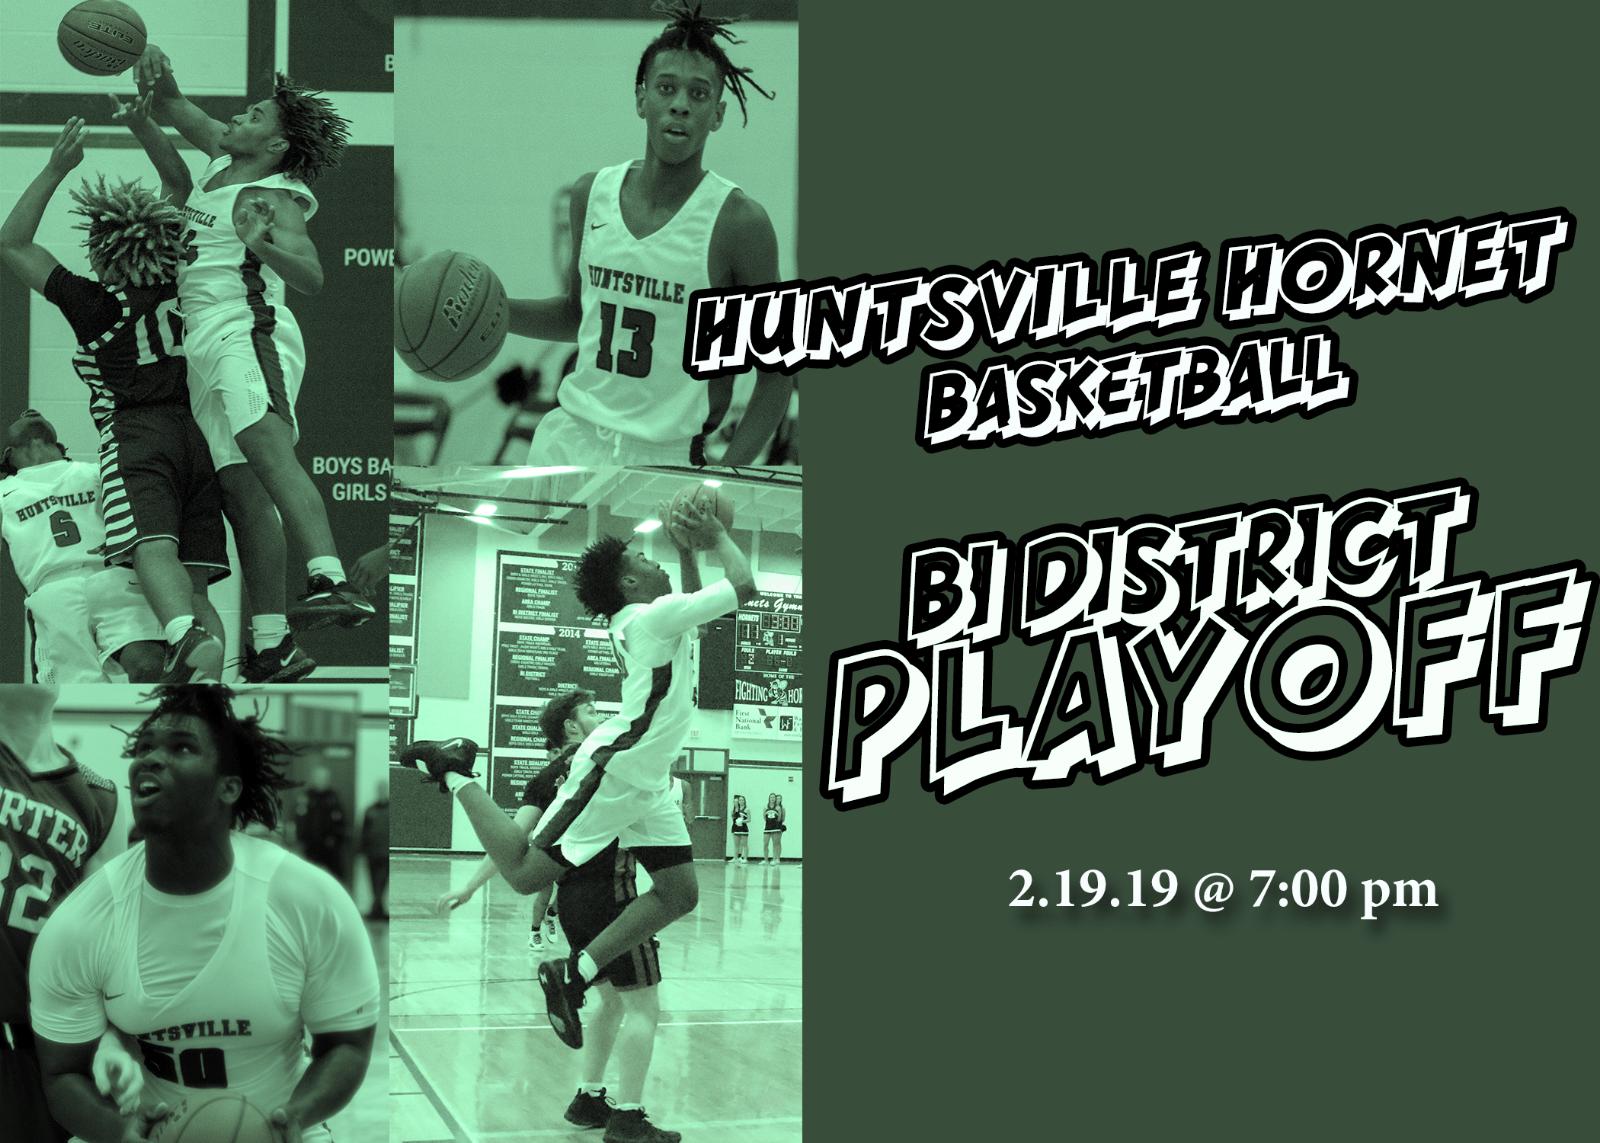 Huntsville Hornet Basketball Bi District Playoff